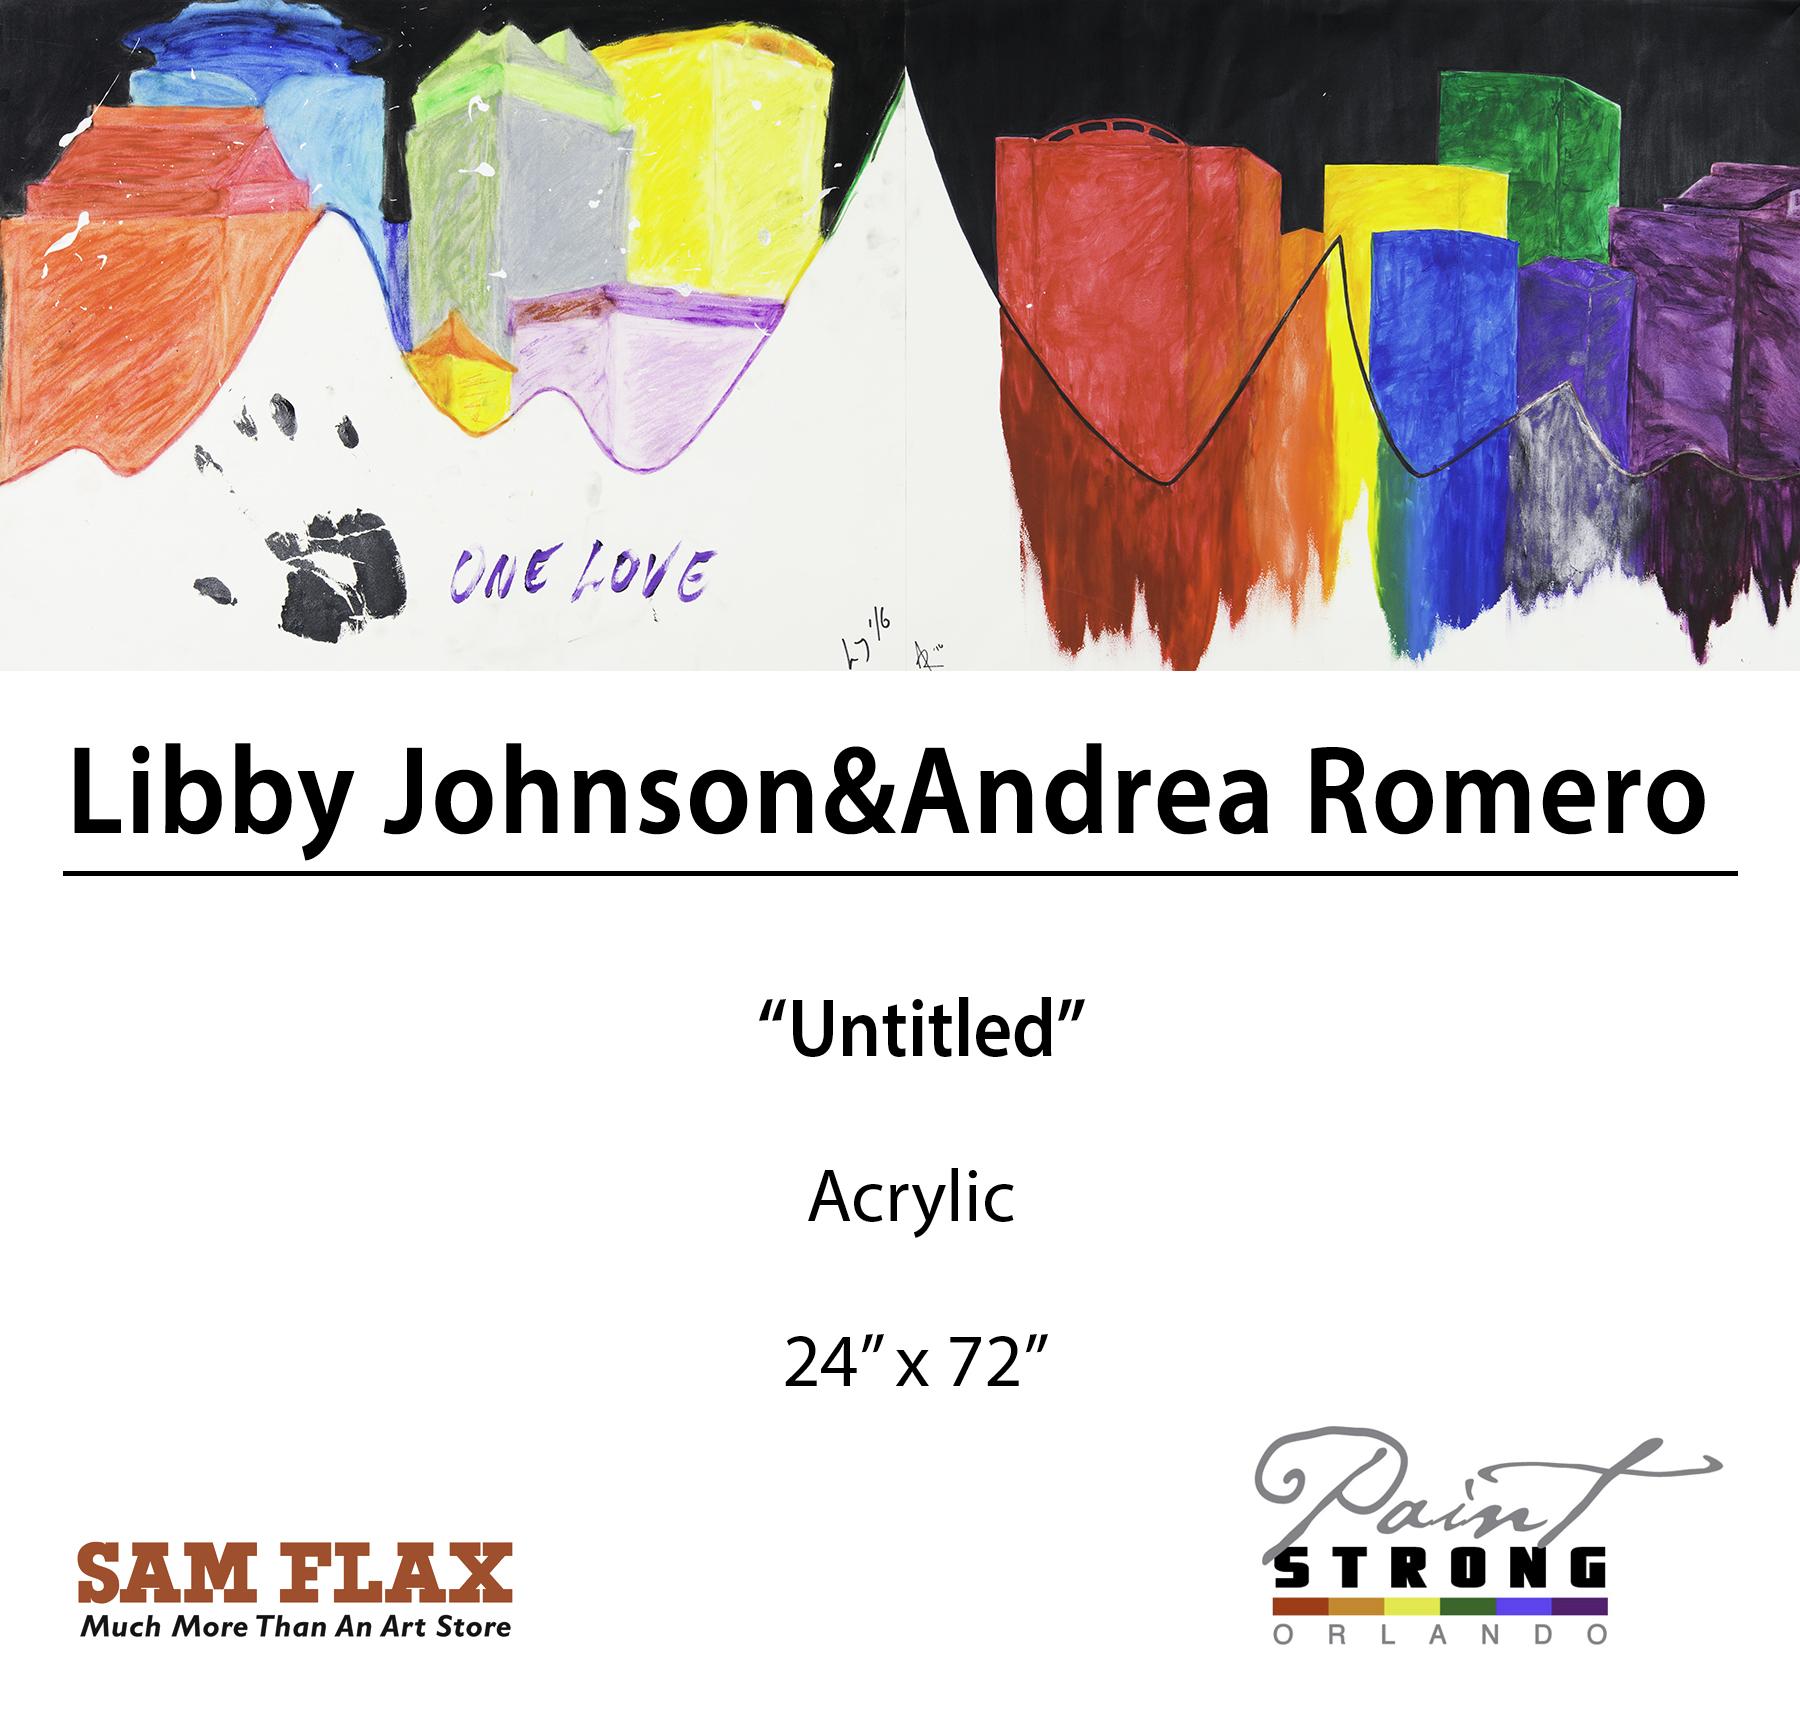 Libby Johnson_Andrea Romero